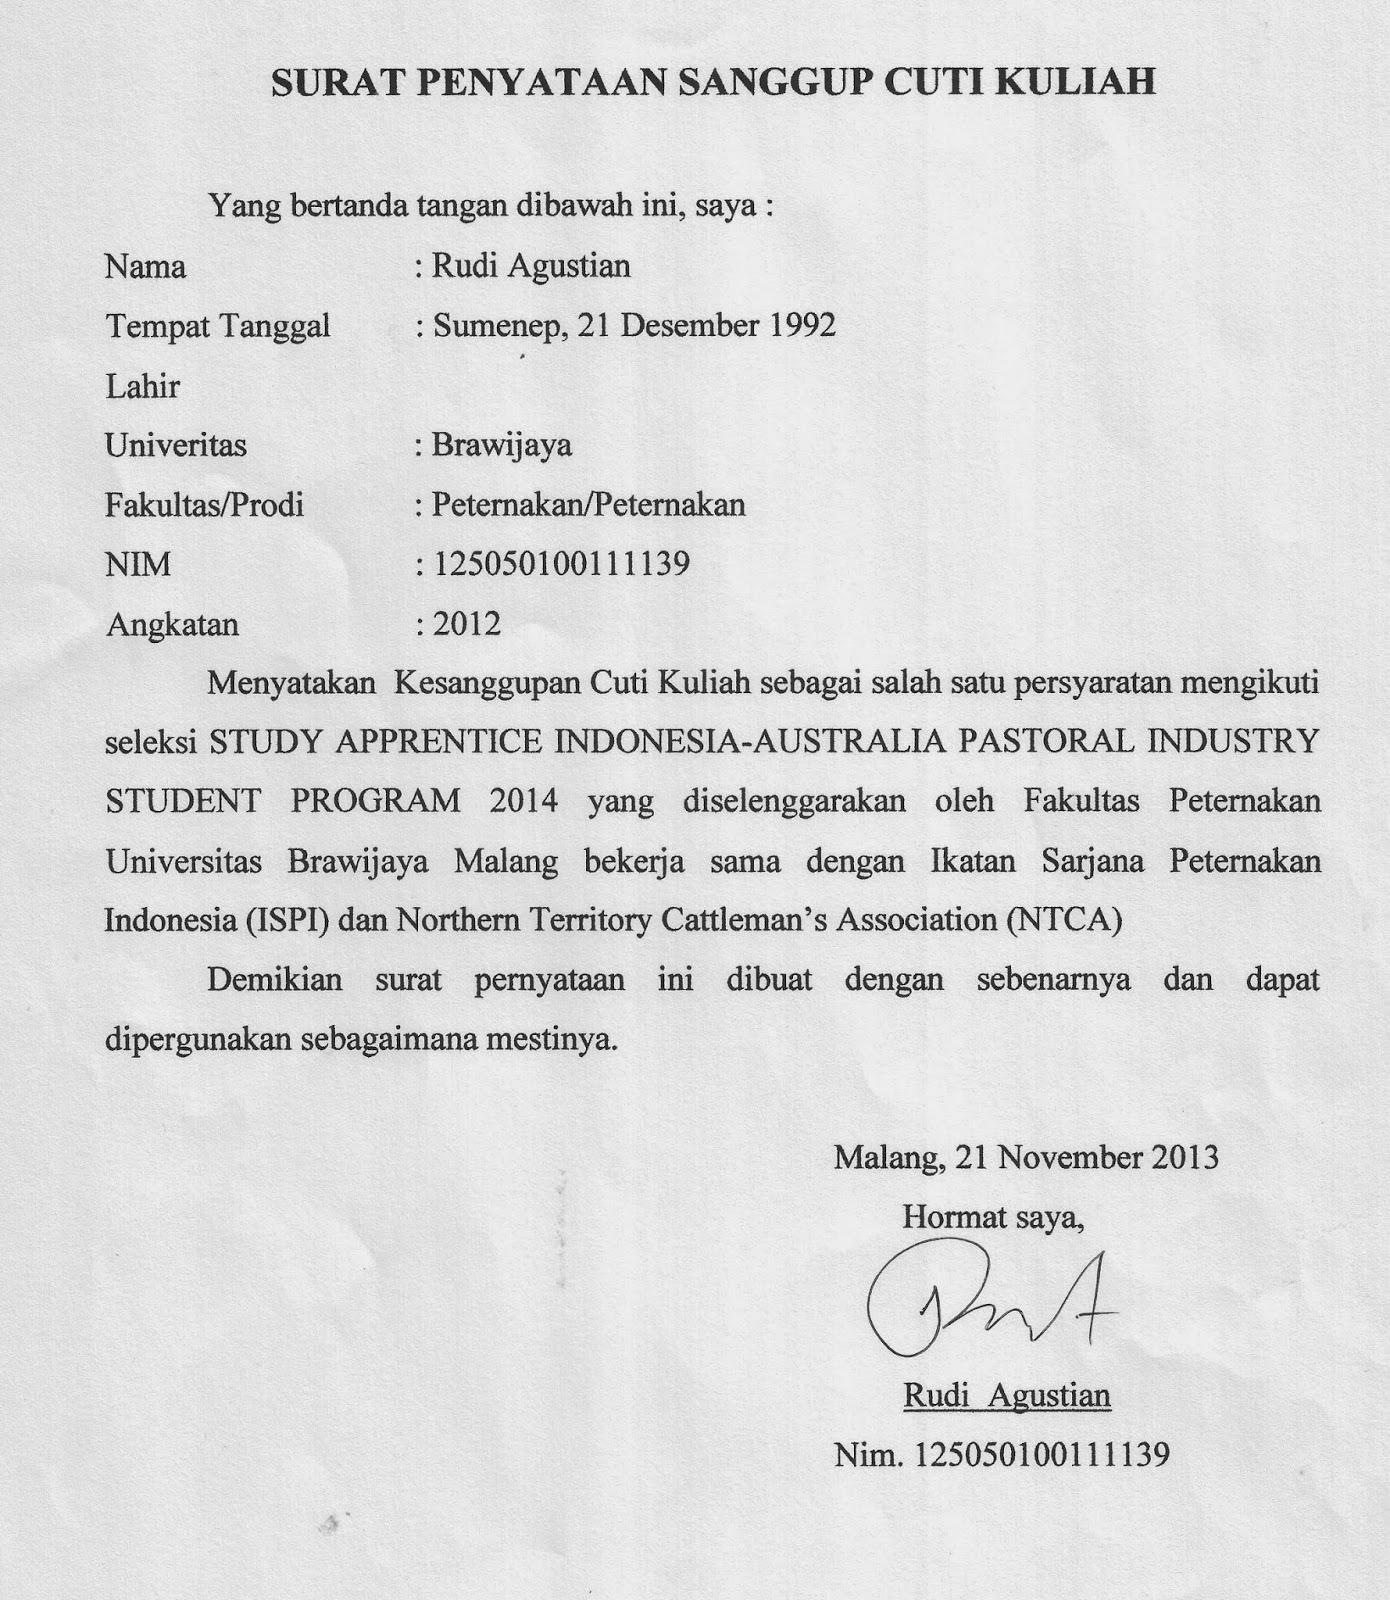 Contoh Surat Pernyataan Cuti Kuliah Emperor Rudi